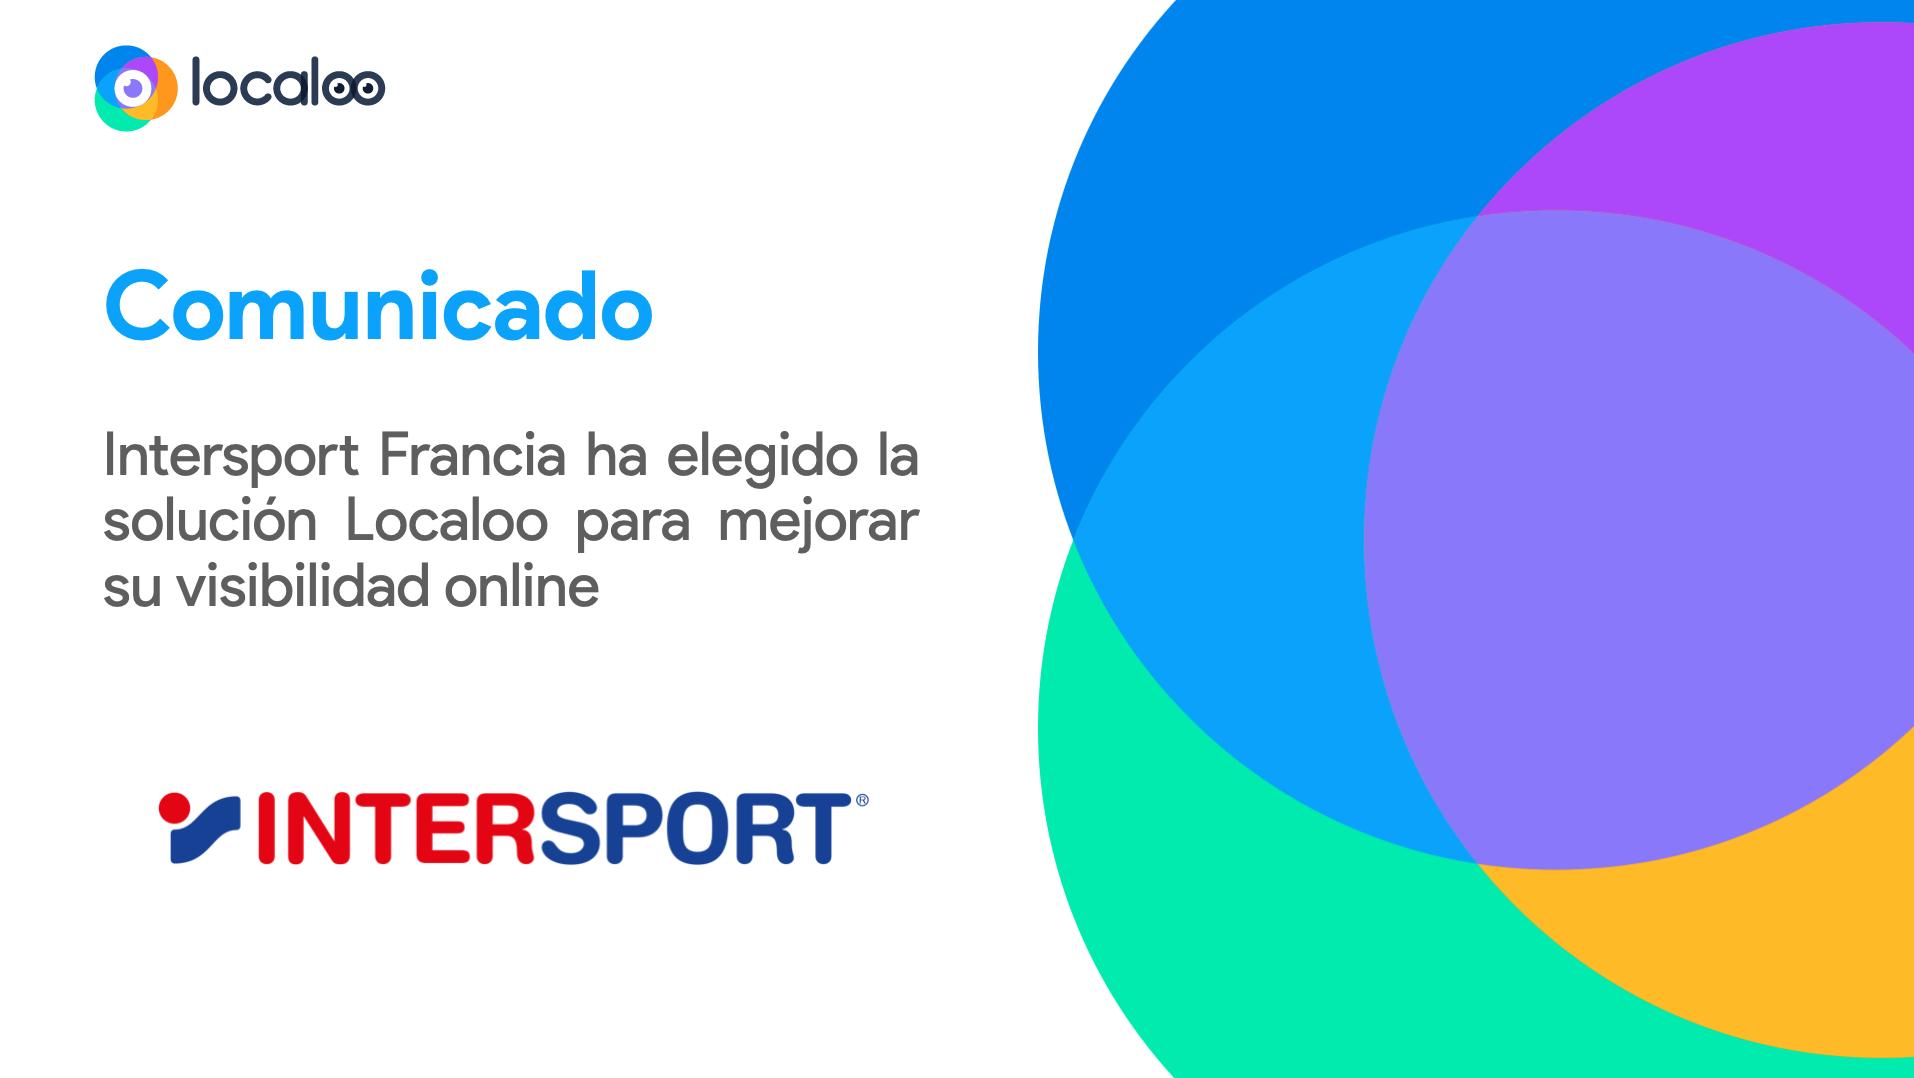 comunicado intersport francia confía en localoo para desarrollar su estrategia digital